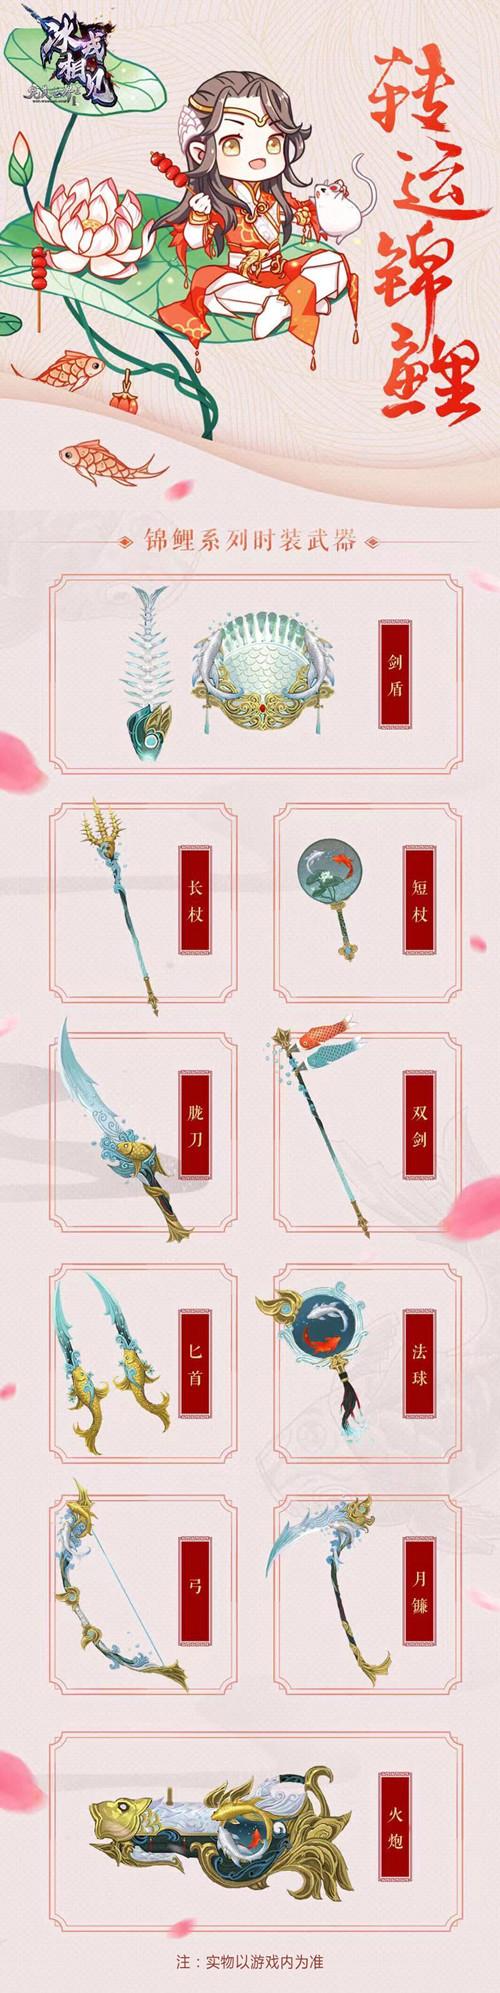 图7:锦鲤系列时装武器.jpg